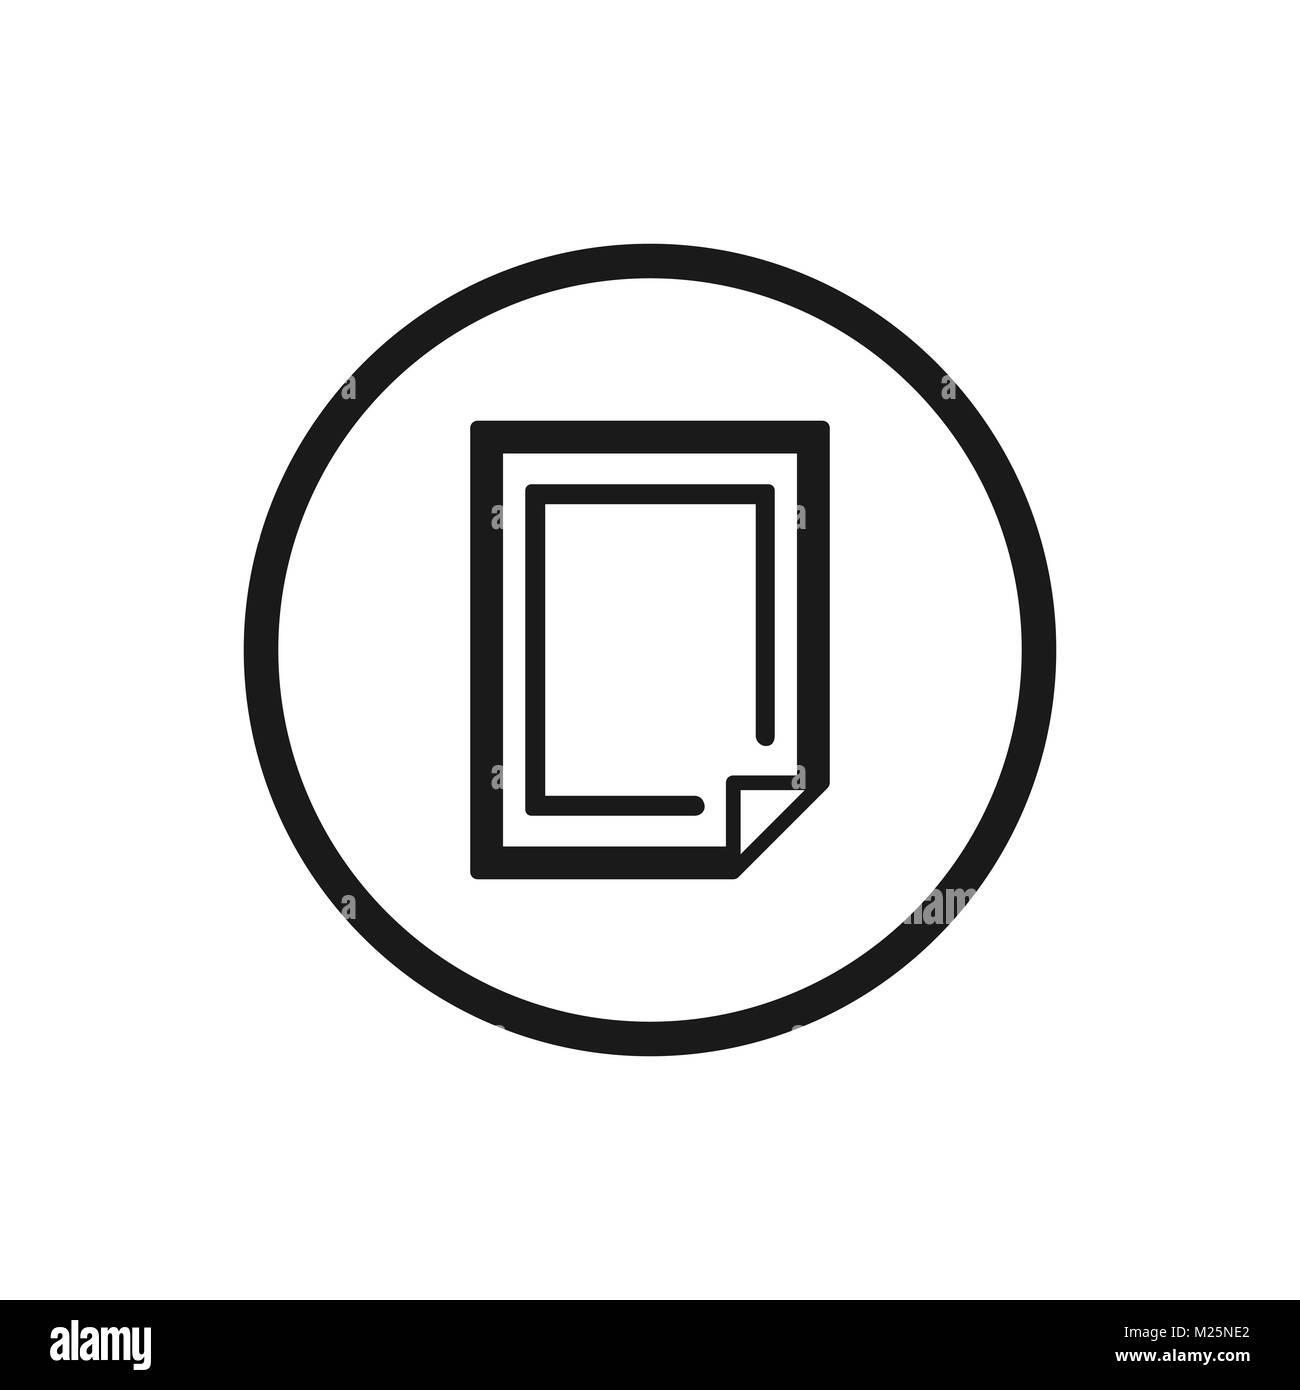 Icono de póster sobre un fondo blanco. Ilustración vectorial Imagen De Stock